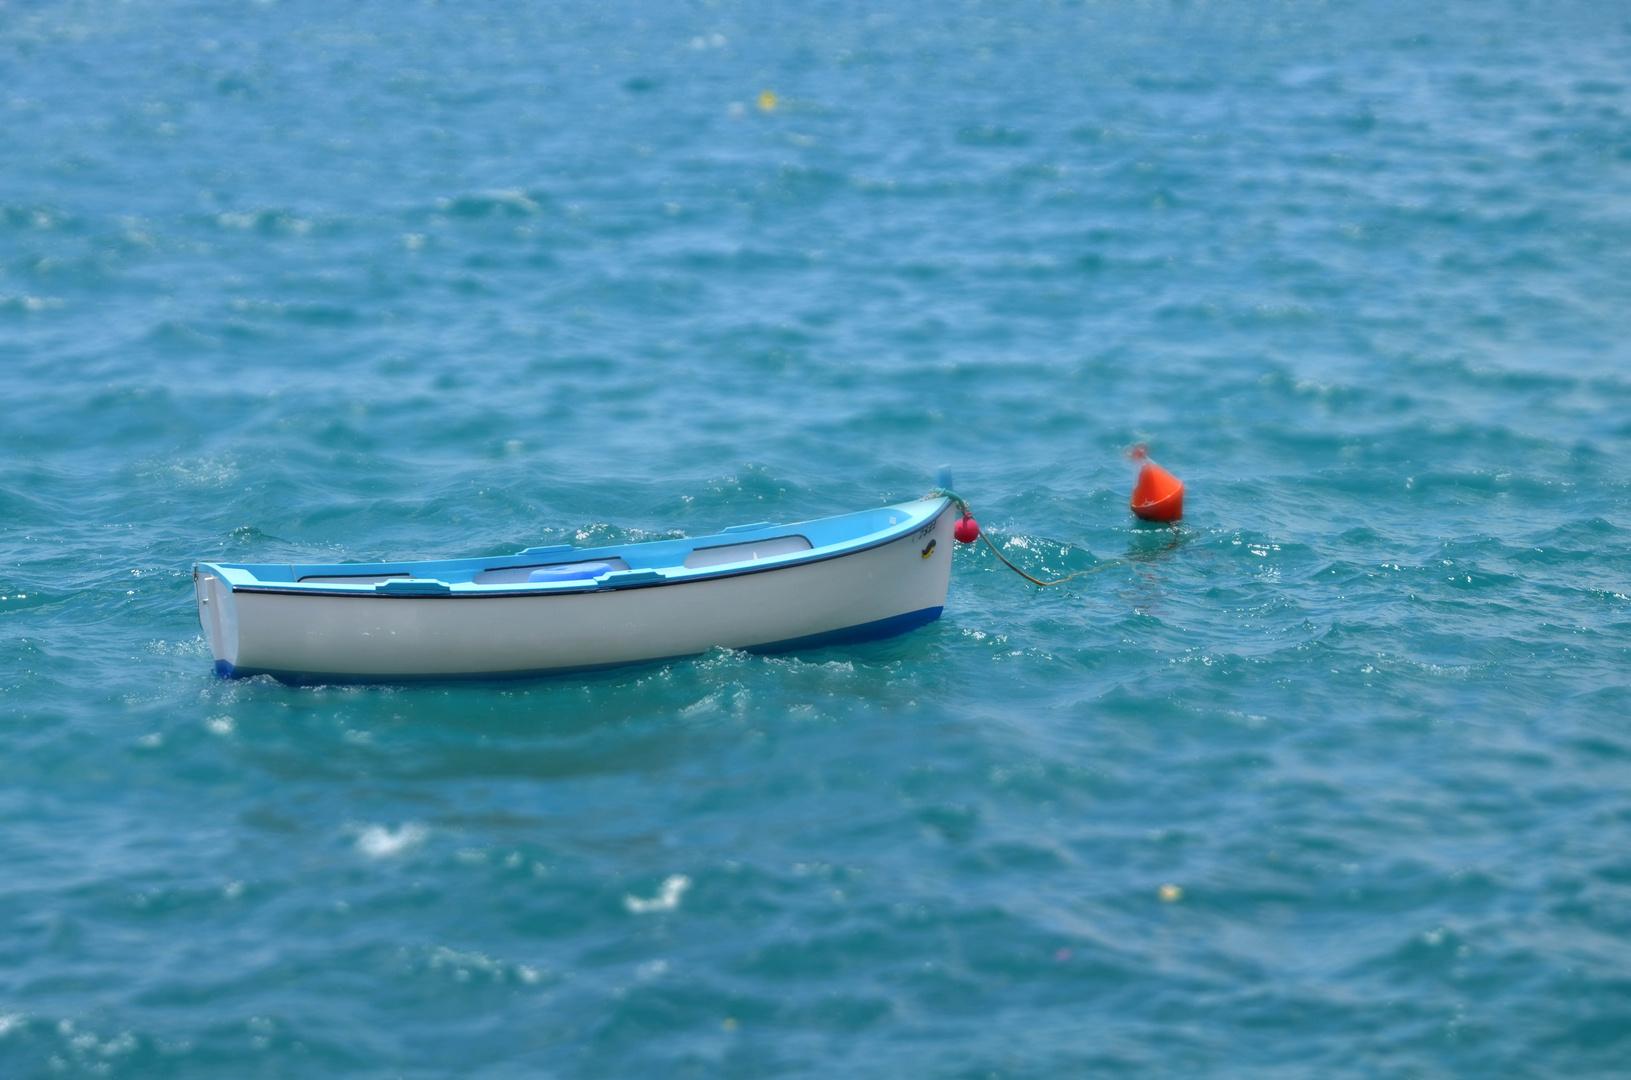 Fischerboot en miniature...